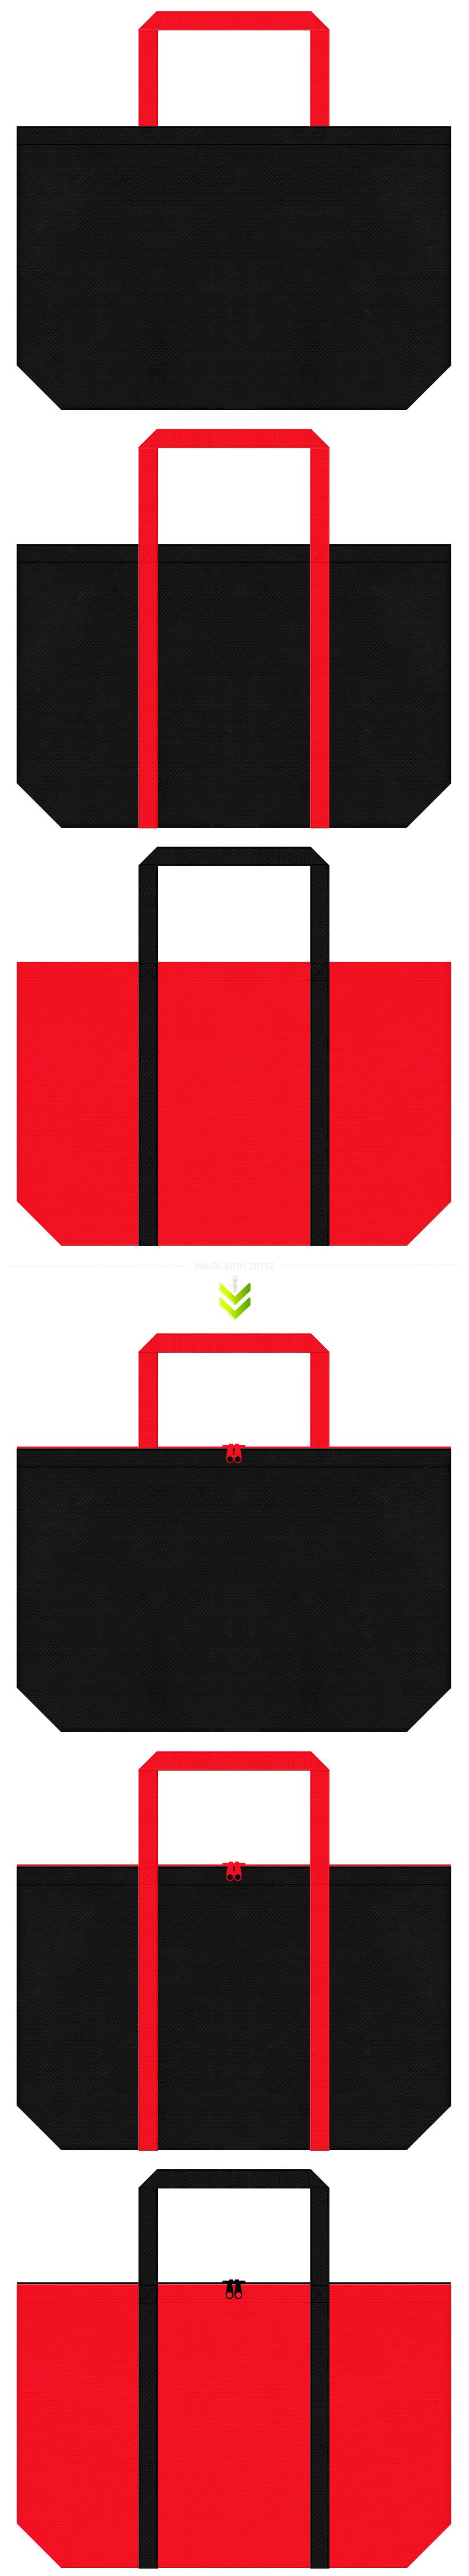 夏祭り・花火大会・法被・提灯・バーナー・コンロ・キャンプ用品・火の玉・炎・アリーナ・対戦型格闘ゲーム・レスキュー・消防団・ユニフォーム・運動靴・アウトドア・スポーツバッグにお奨めの不織布バッグデザイン:黒色と赤色のコーデ